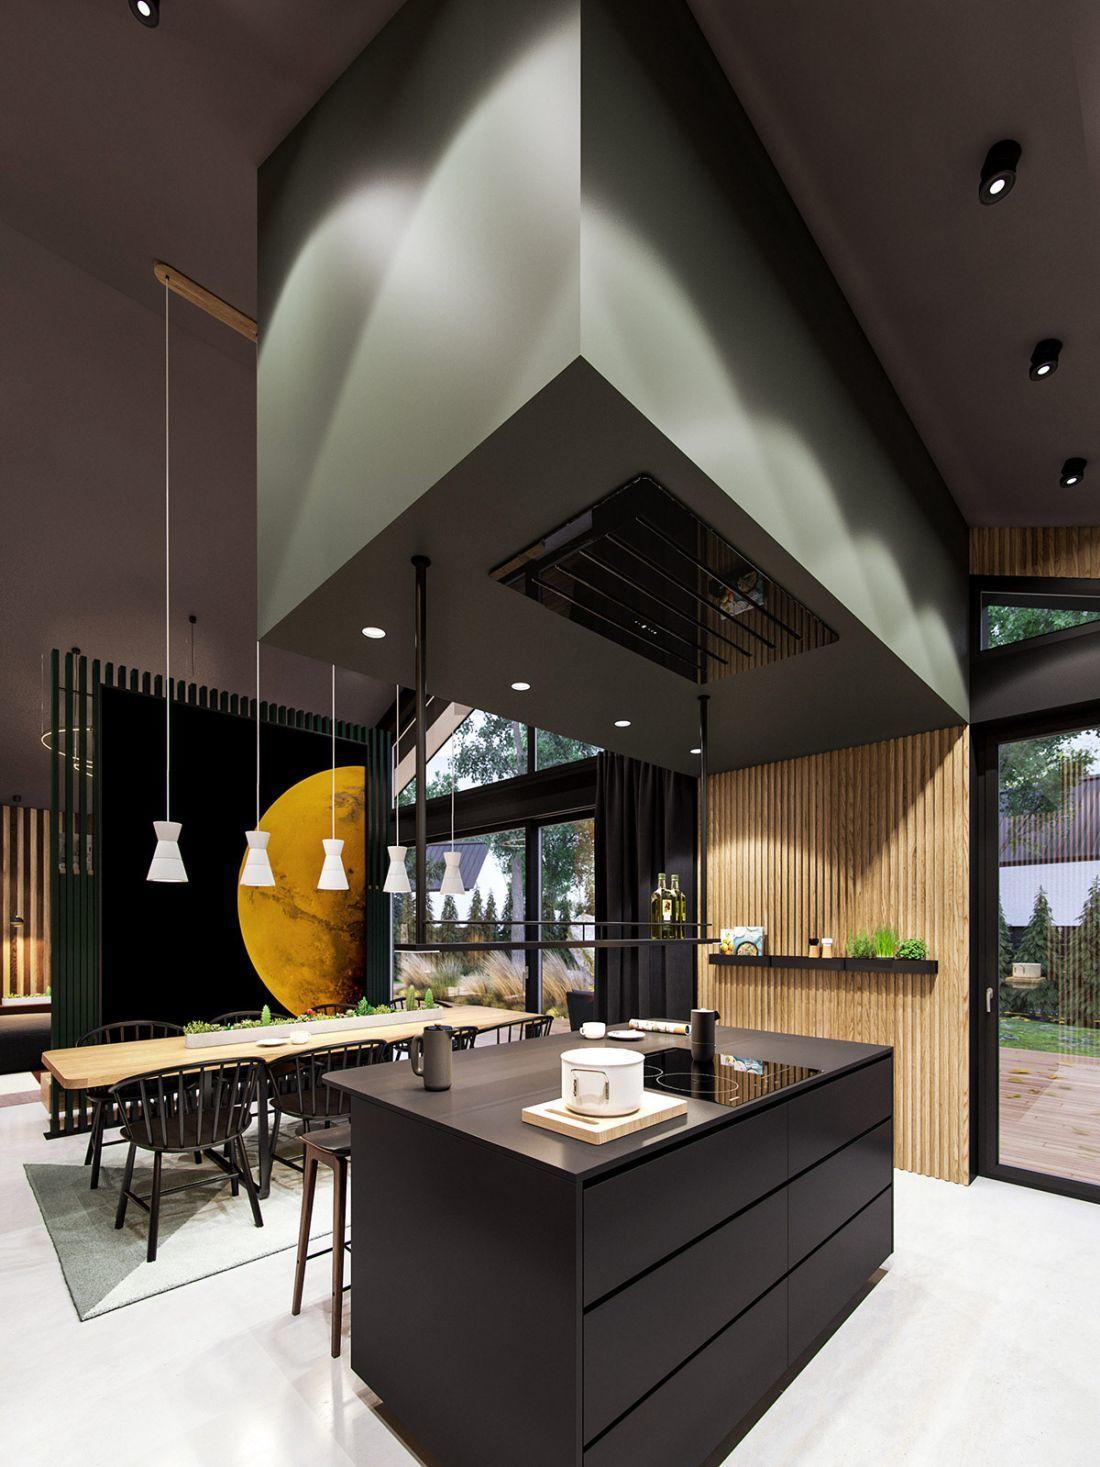 Szigetes konyha álmennyezetbe épített páraelszívóval